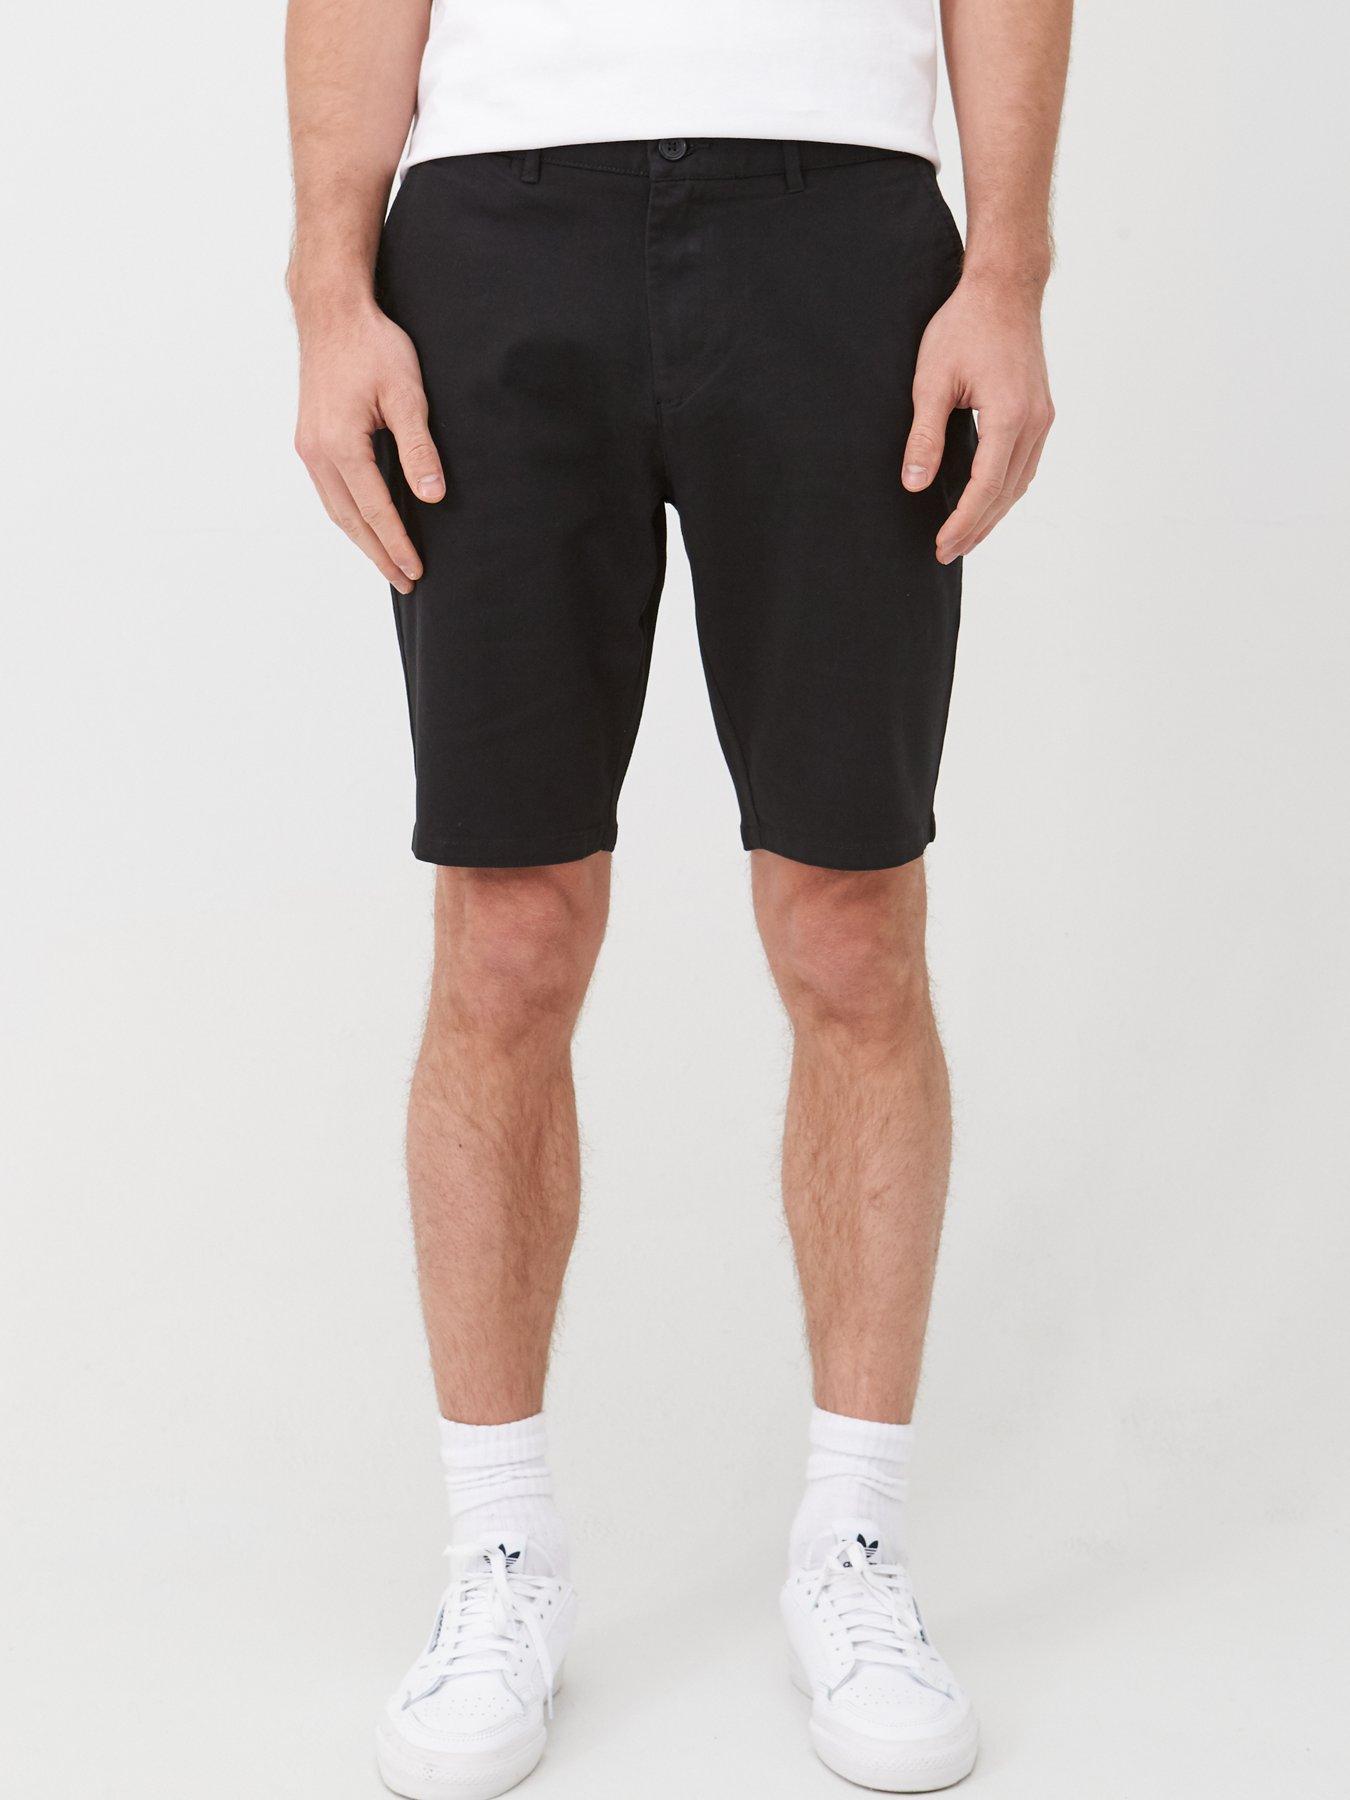 New Mens Hudson River Chino Brown Shorts Sz 33